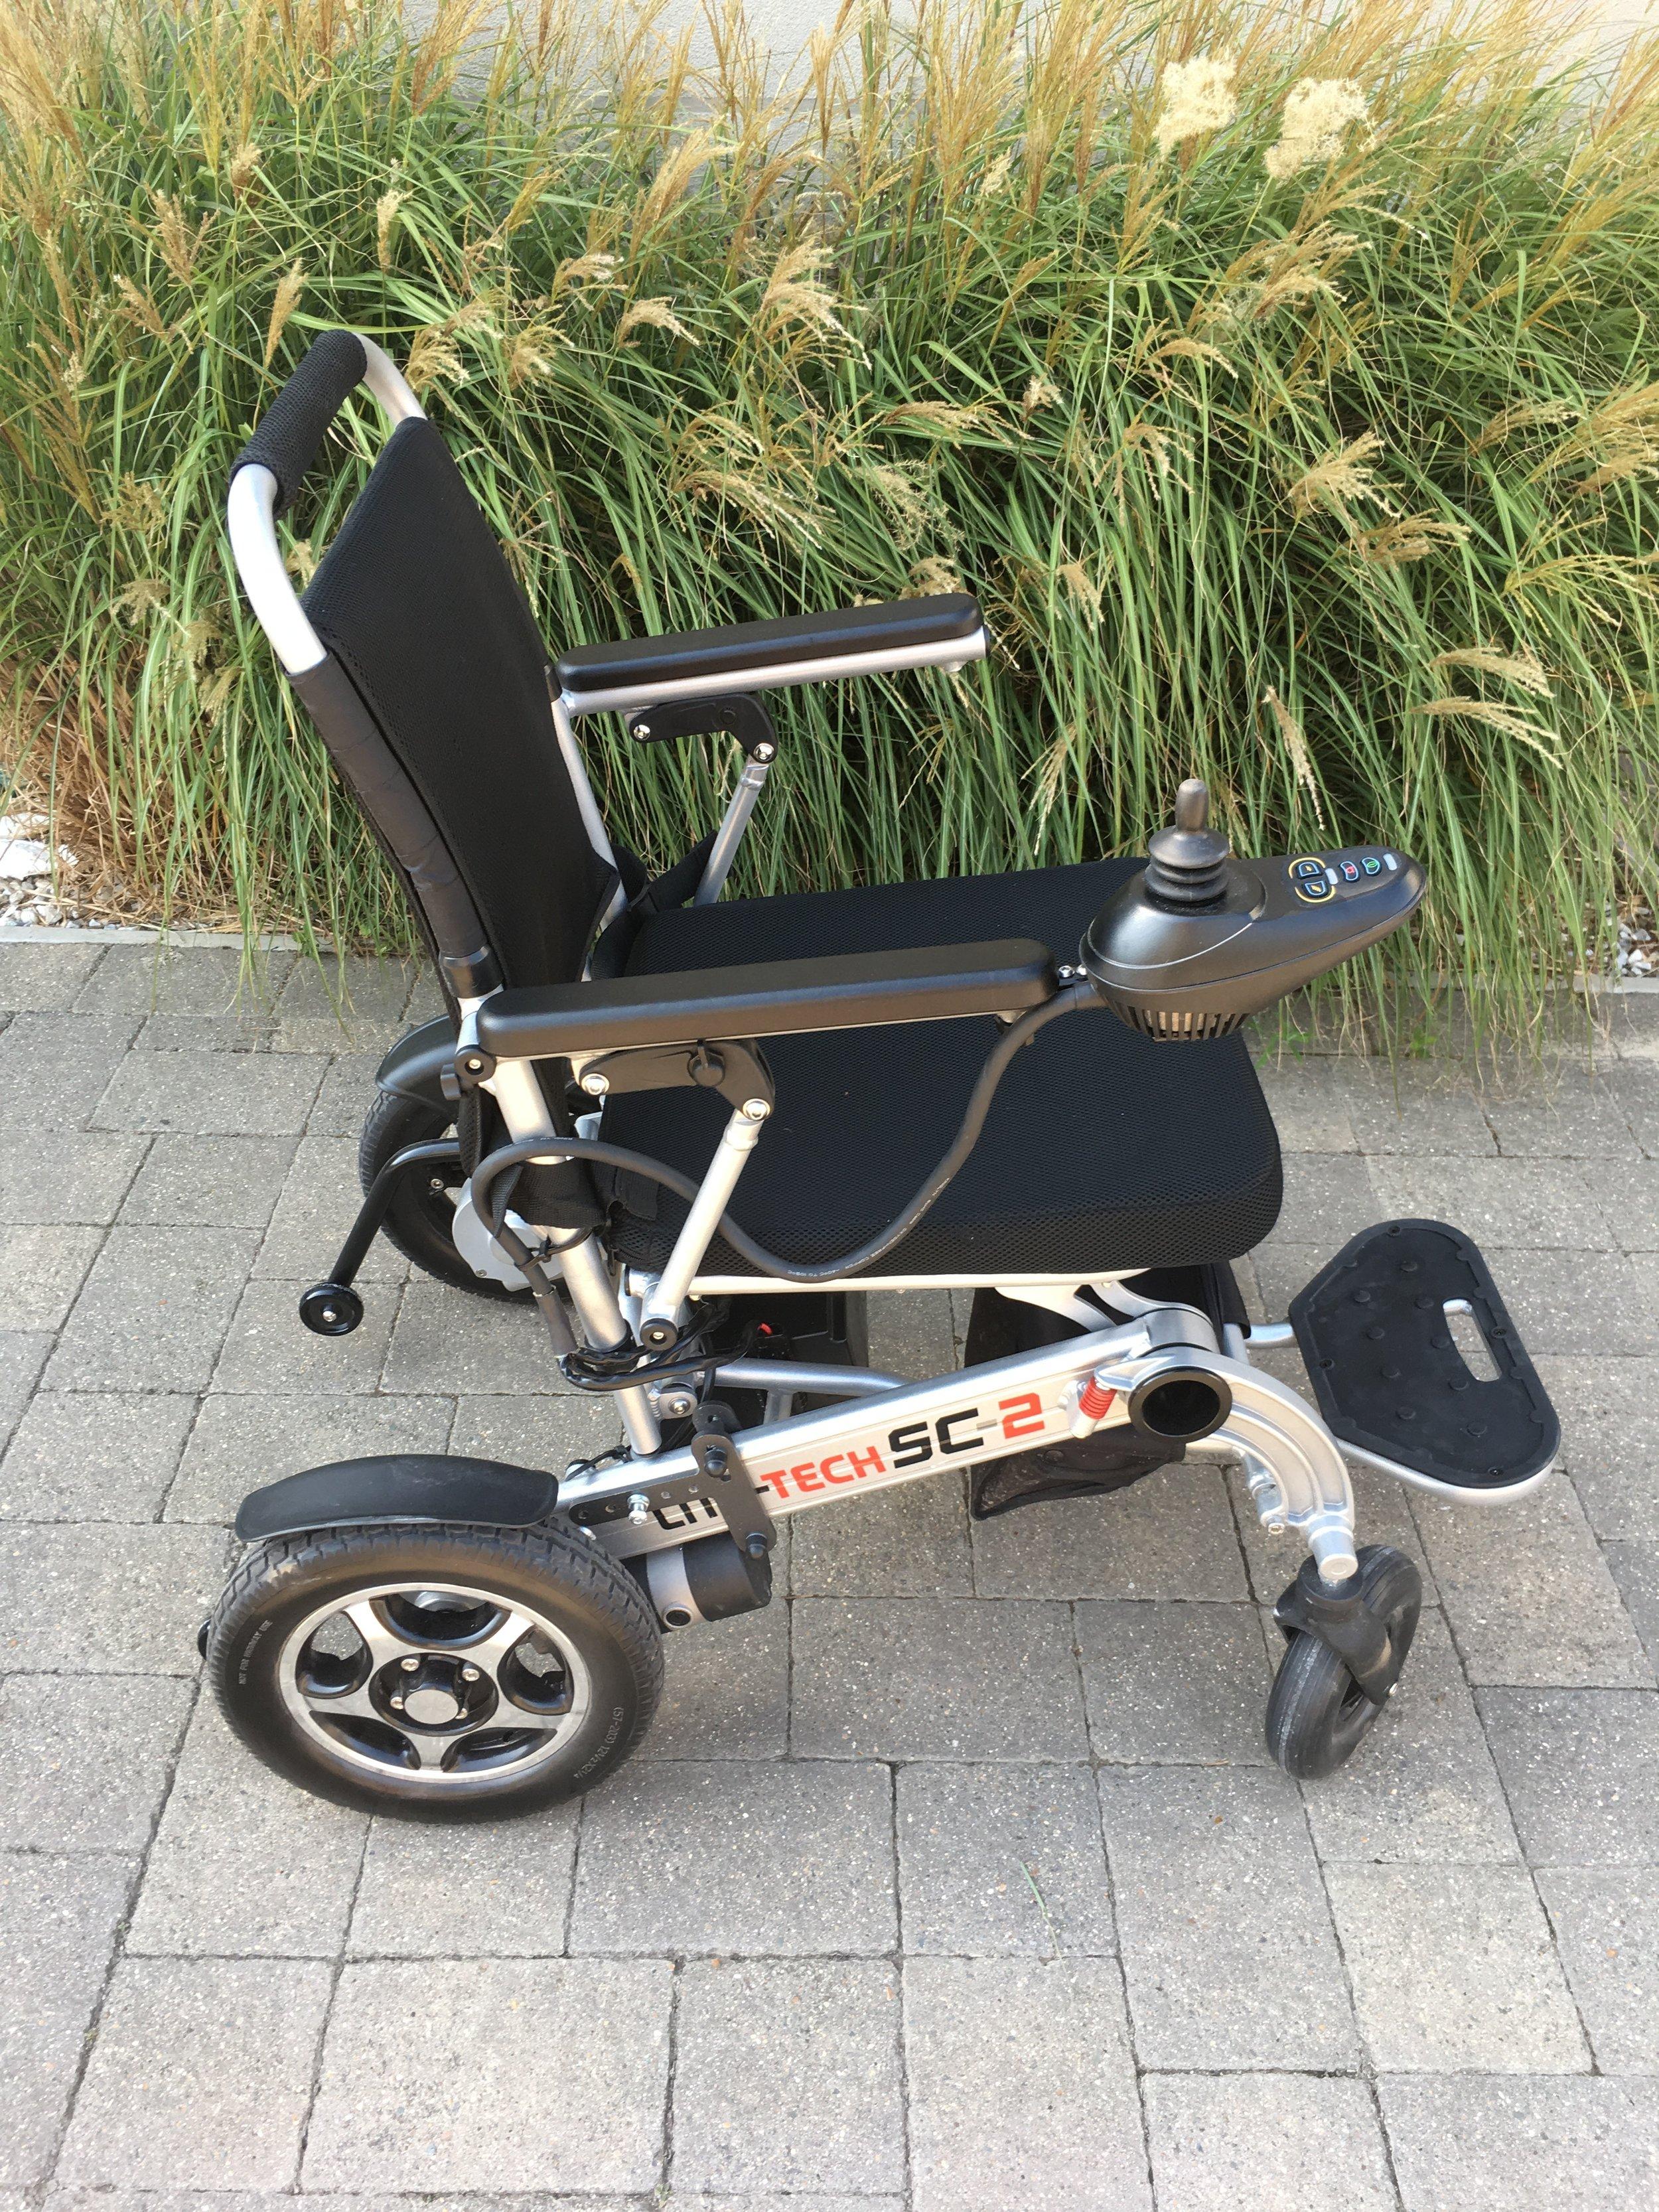 Lith-Tech Smart Chair 2 4.jpeg